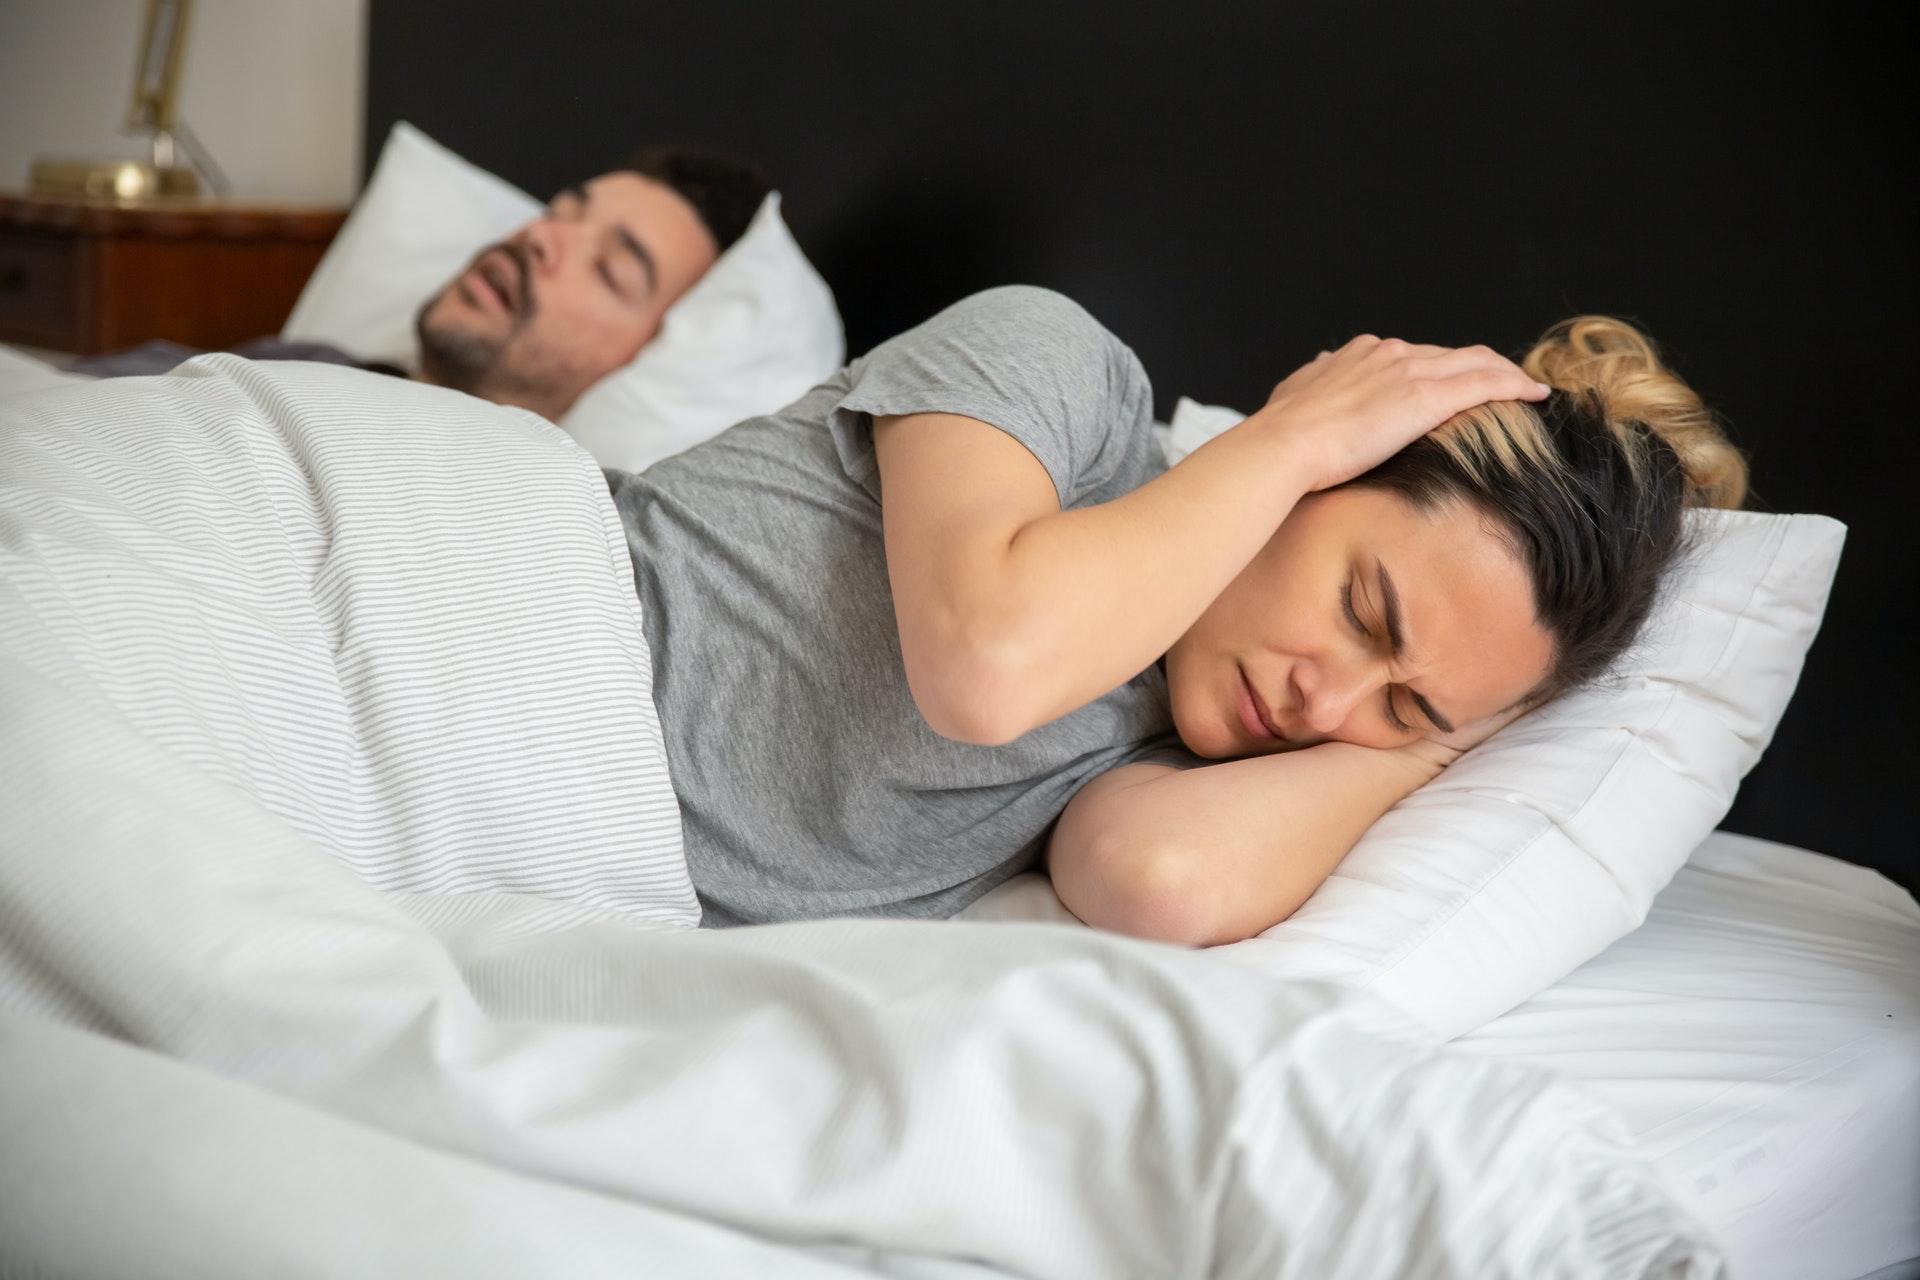 La misofonía afecta seriamente la calidad de vida y la estabilidad emocional de quien las sufre.